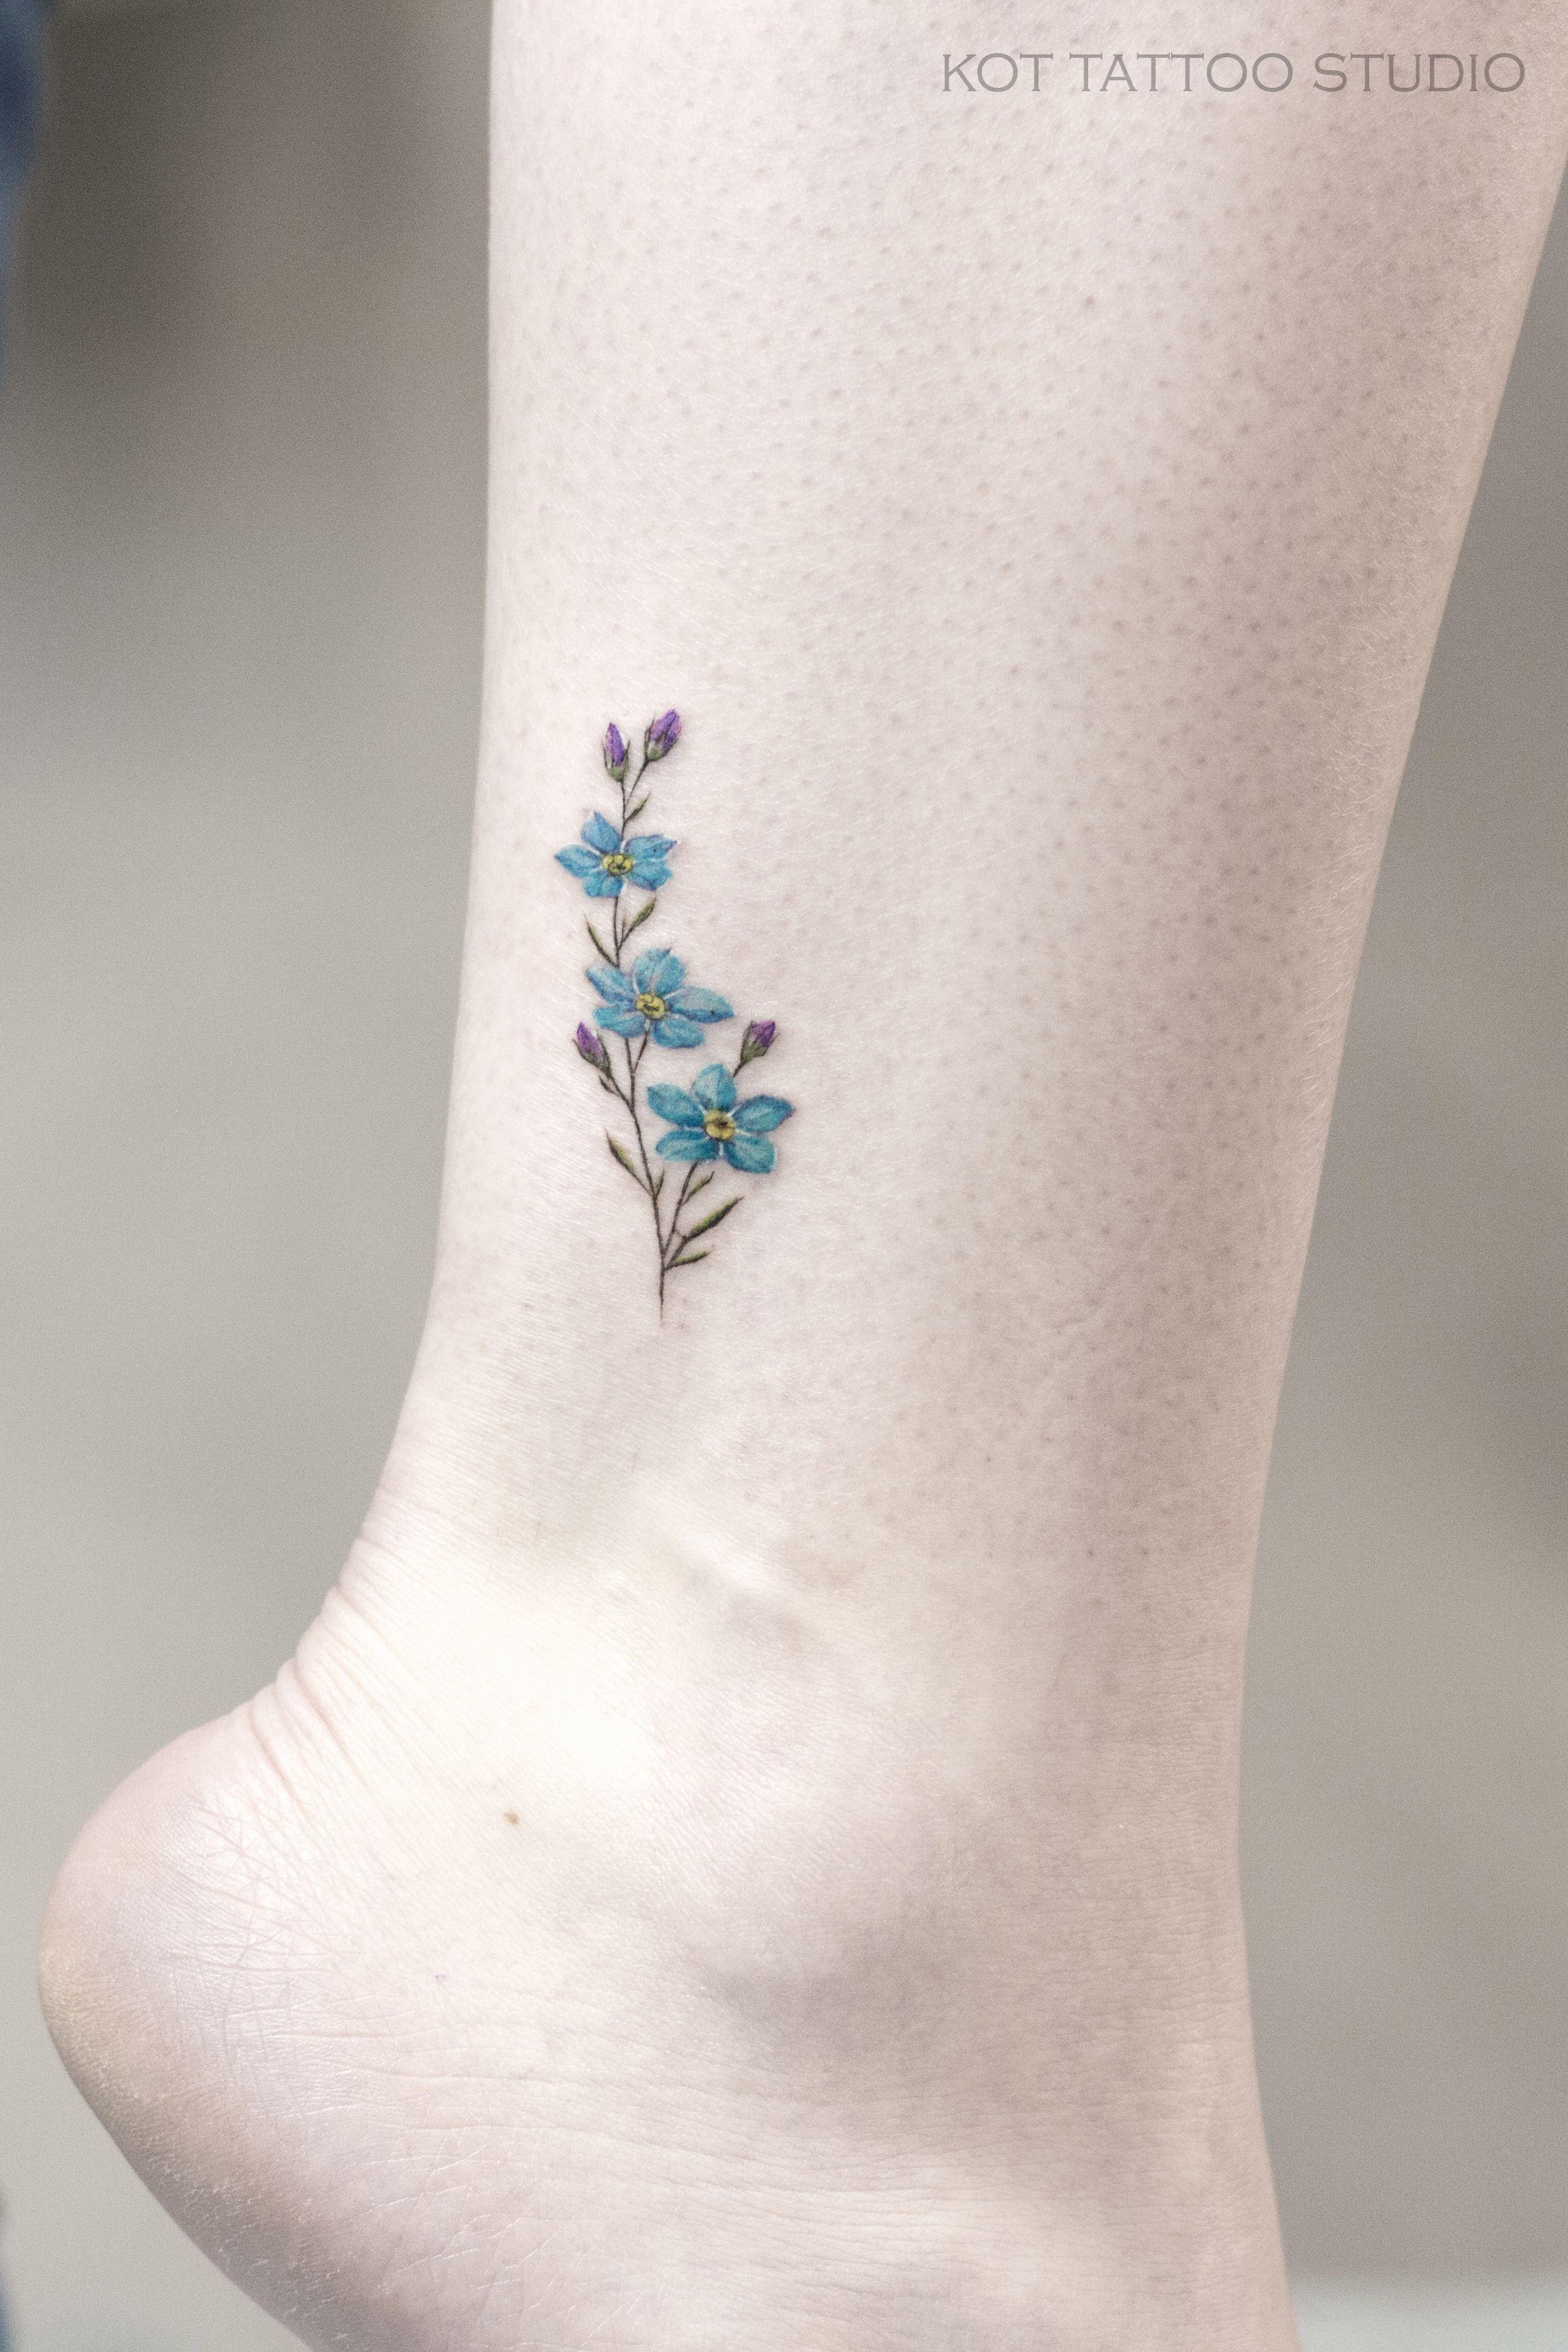 мы любим делать маленькие тату а маленькие тату на ноге особенно